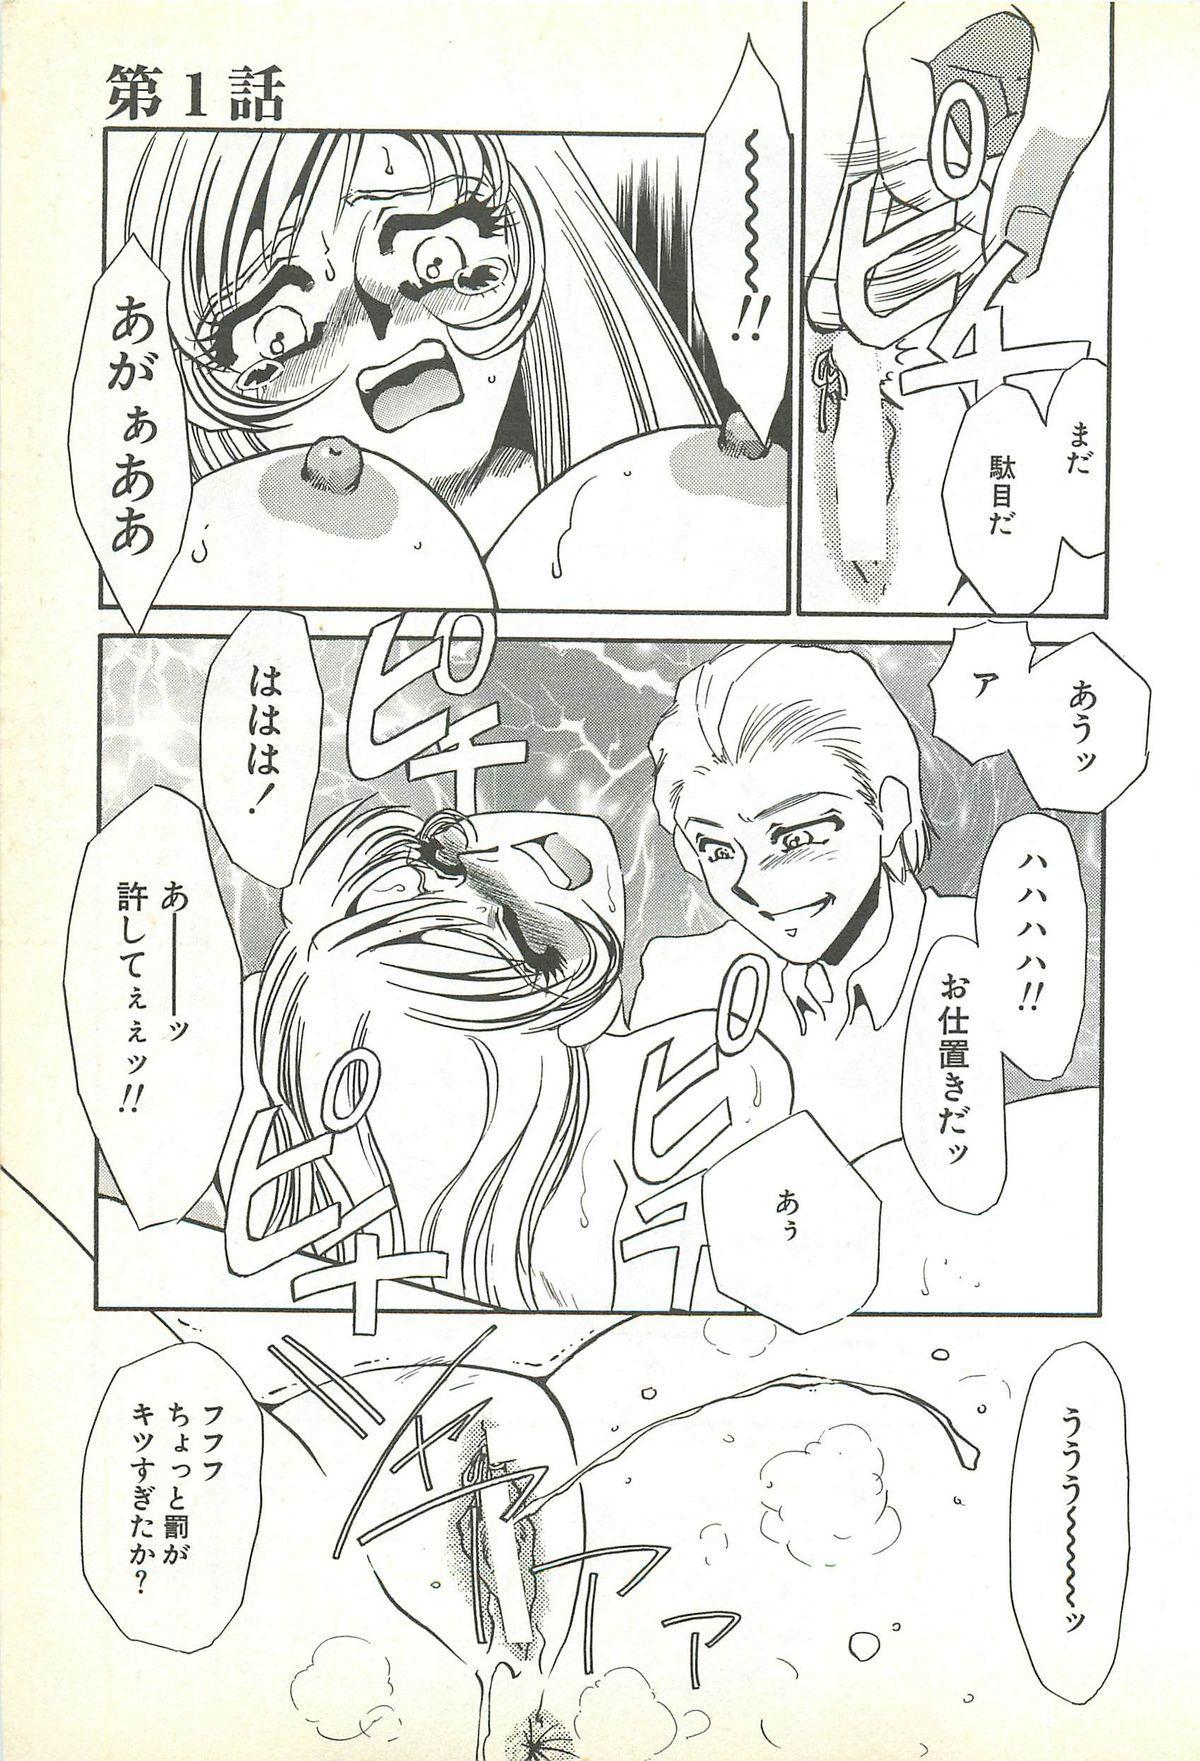 Chigyaku no Heya - A Shameful Punishment Room 19